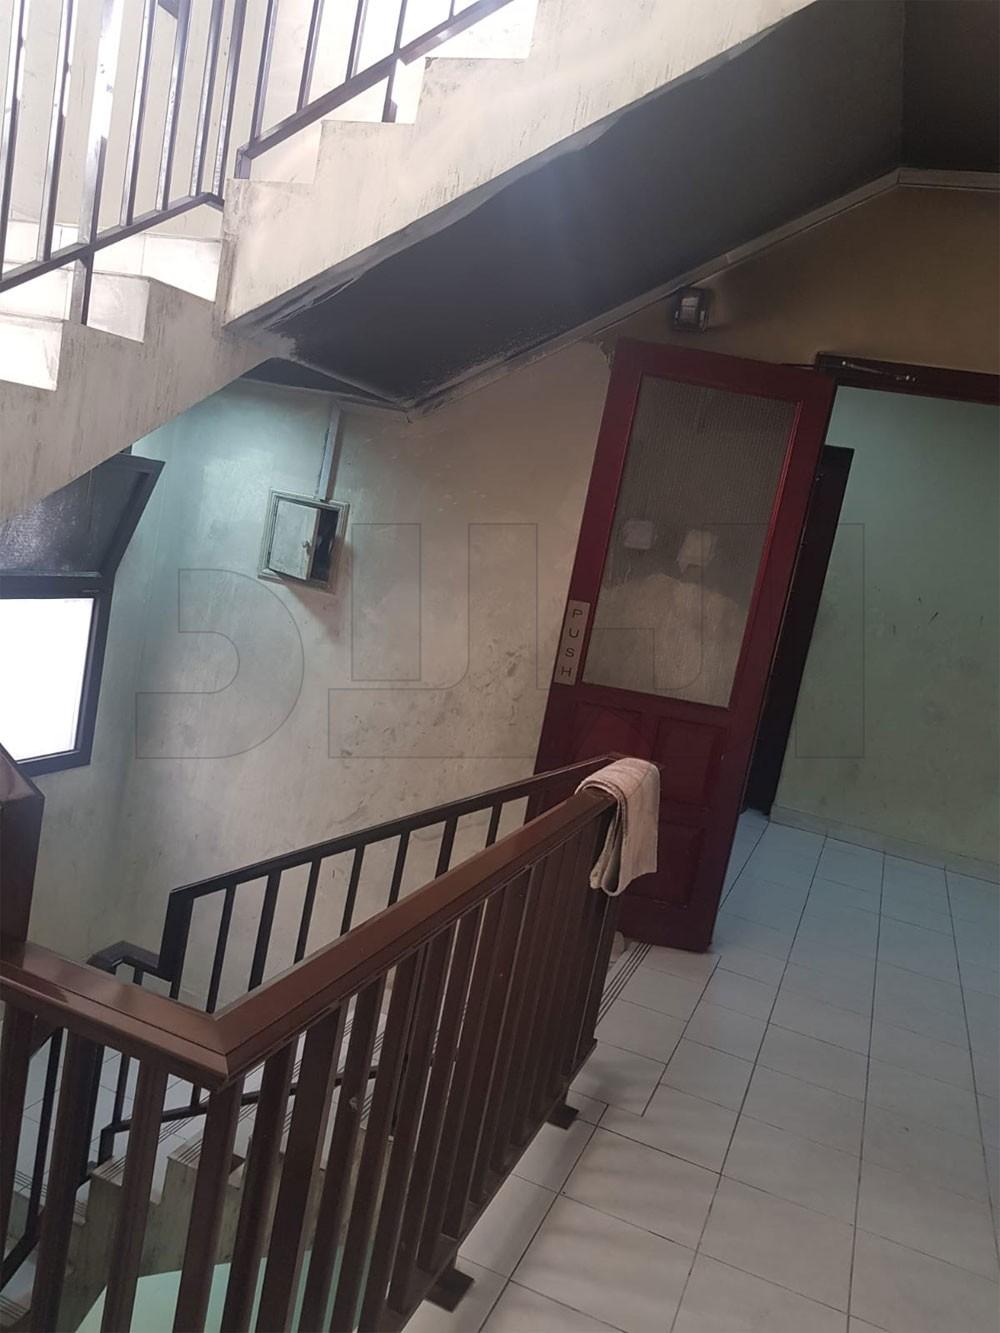 بالصورة: خمر وشم غراء وتخريب من أبناء سكان شقق التمليك الحكومية بالبديع